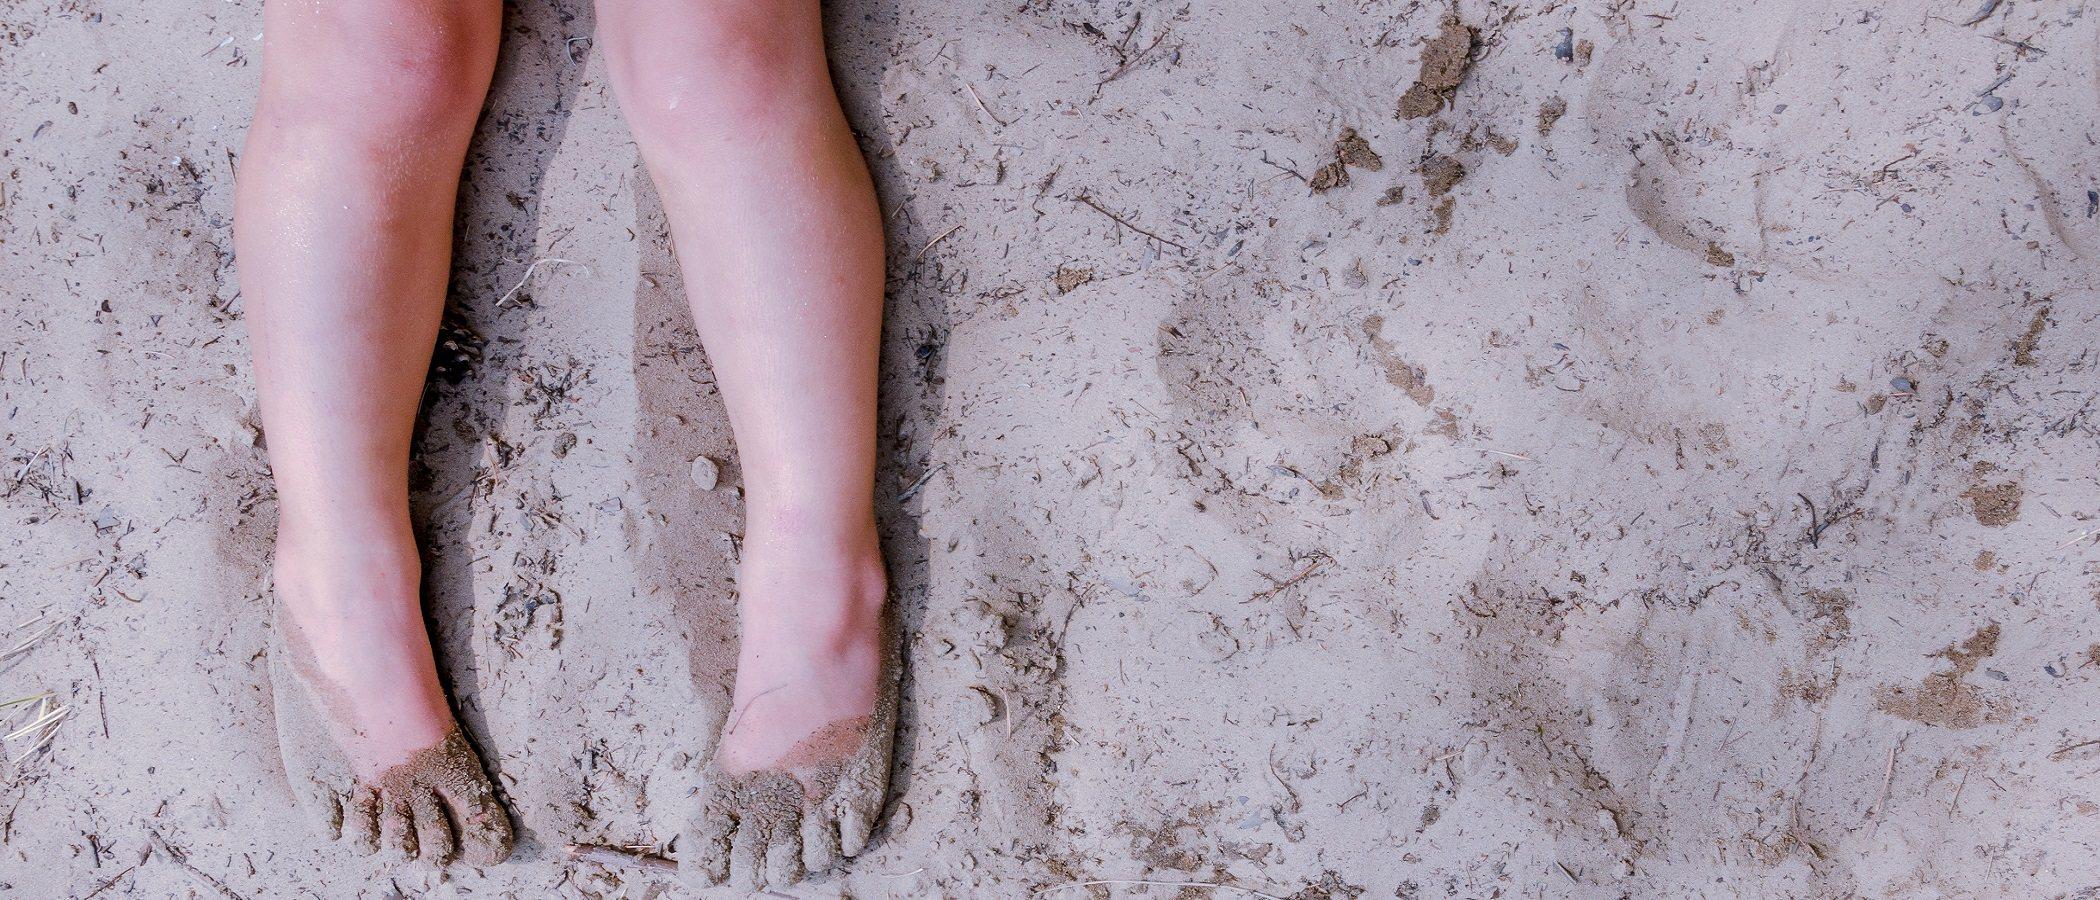 ¿Por qué a mi niño le duelen las piernas?